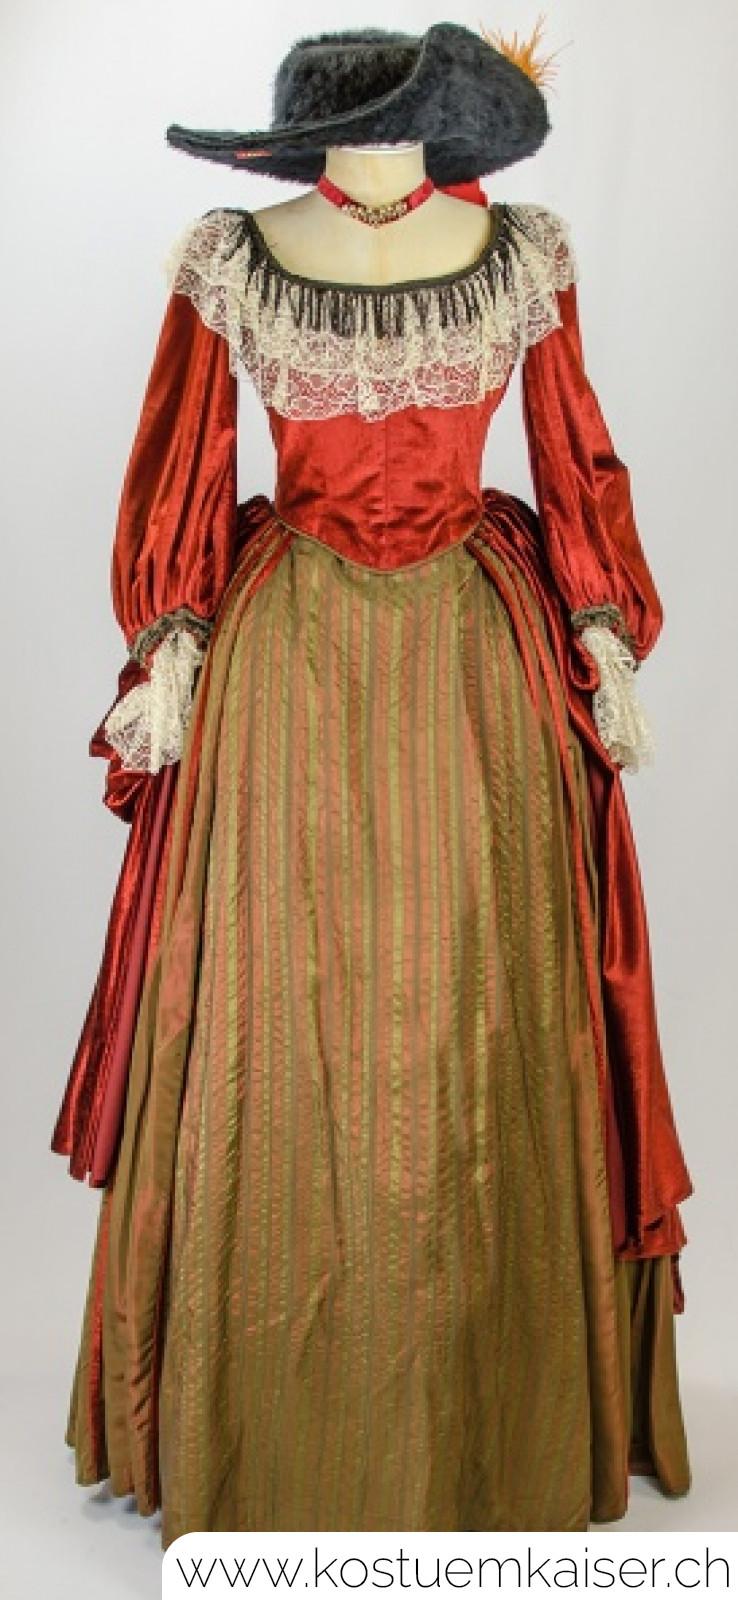 Barock Damenkleid mieten - Kostüm Kaiser